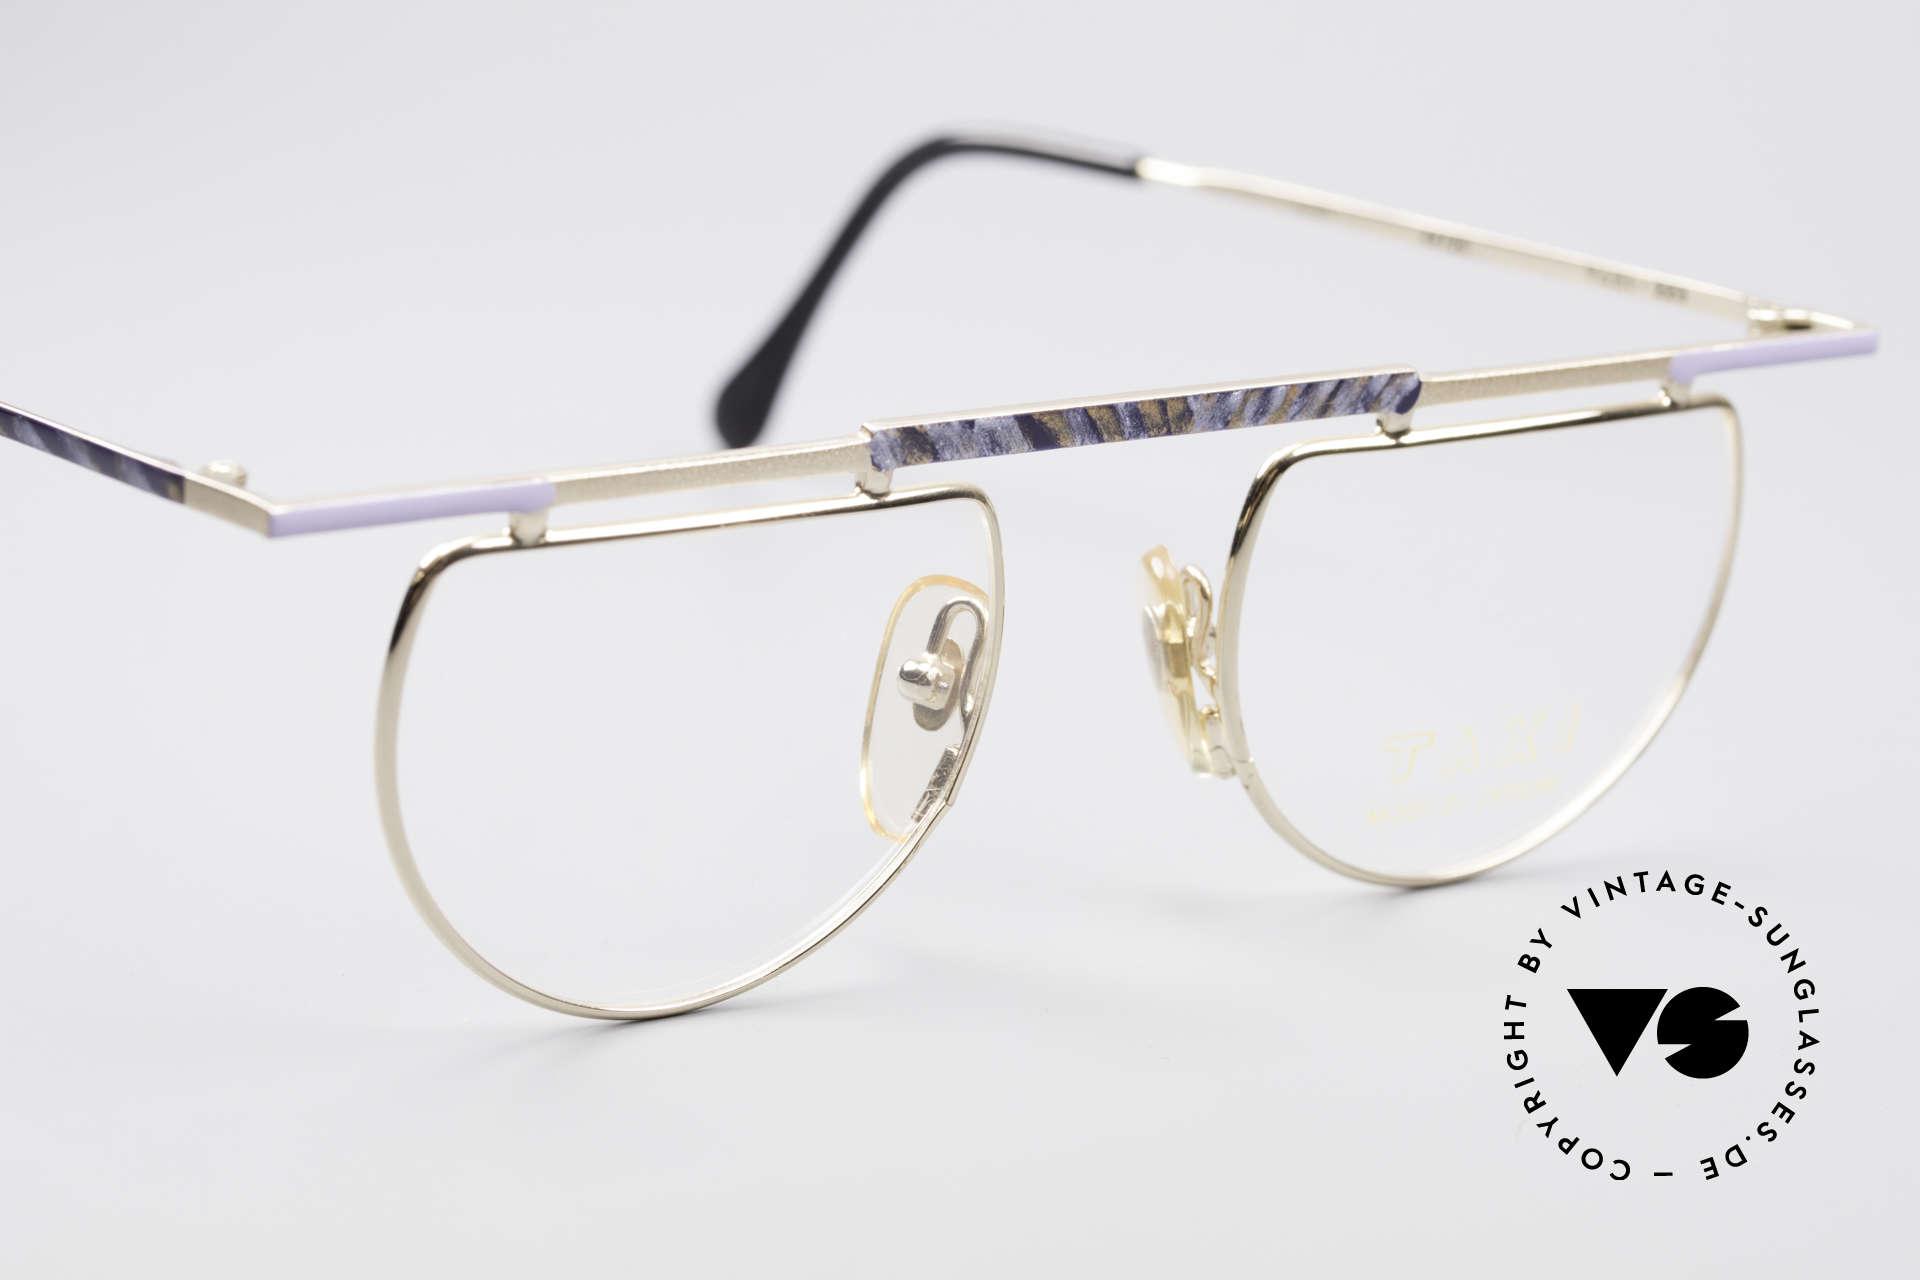 Taxi 223 by Casanova Kunst Vintage Brille, die Demogläser können beliebig optisch ersetzt werden, Passend für Damen